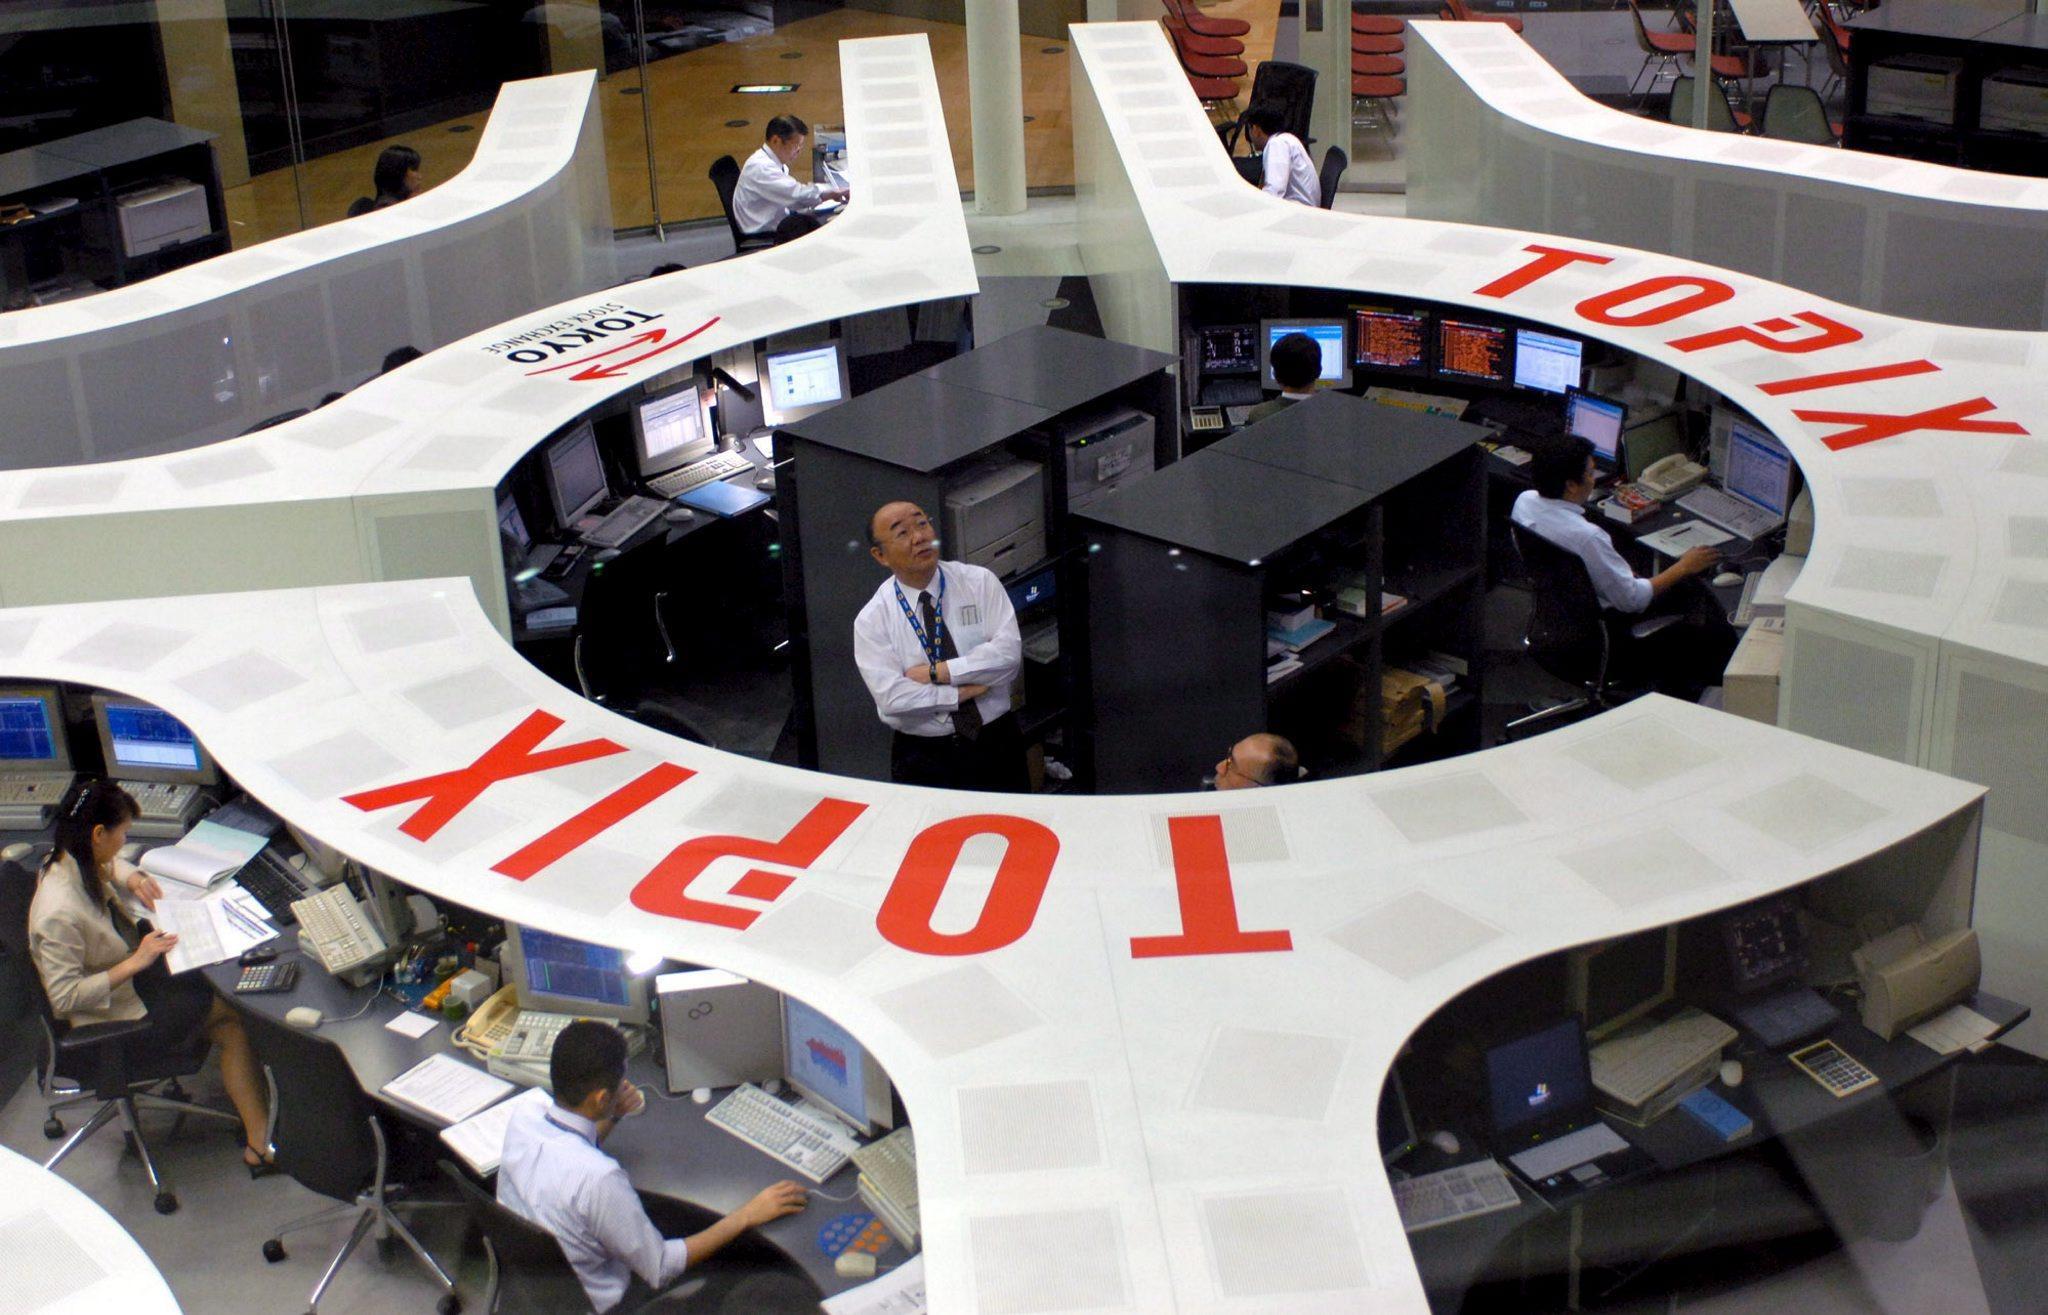 Die Börse in Tokio ist nur die Nummer 3 in Asien: Größer sind die Finanzplätze in Hongkong und Singapur.